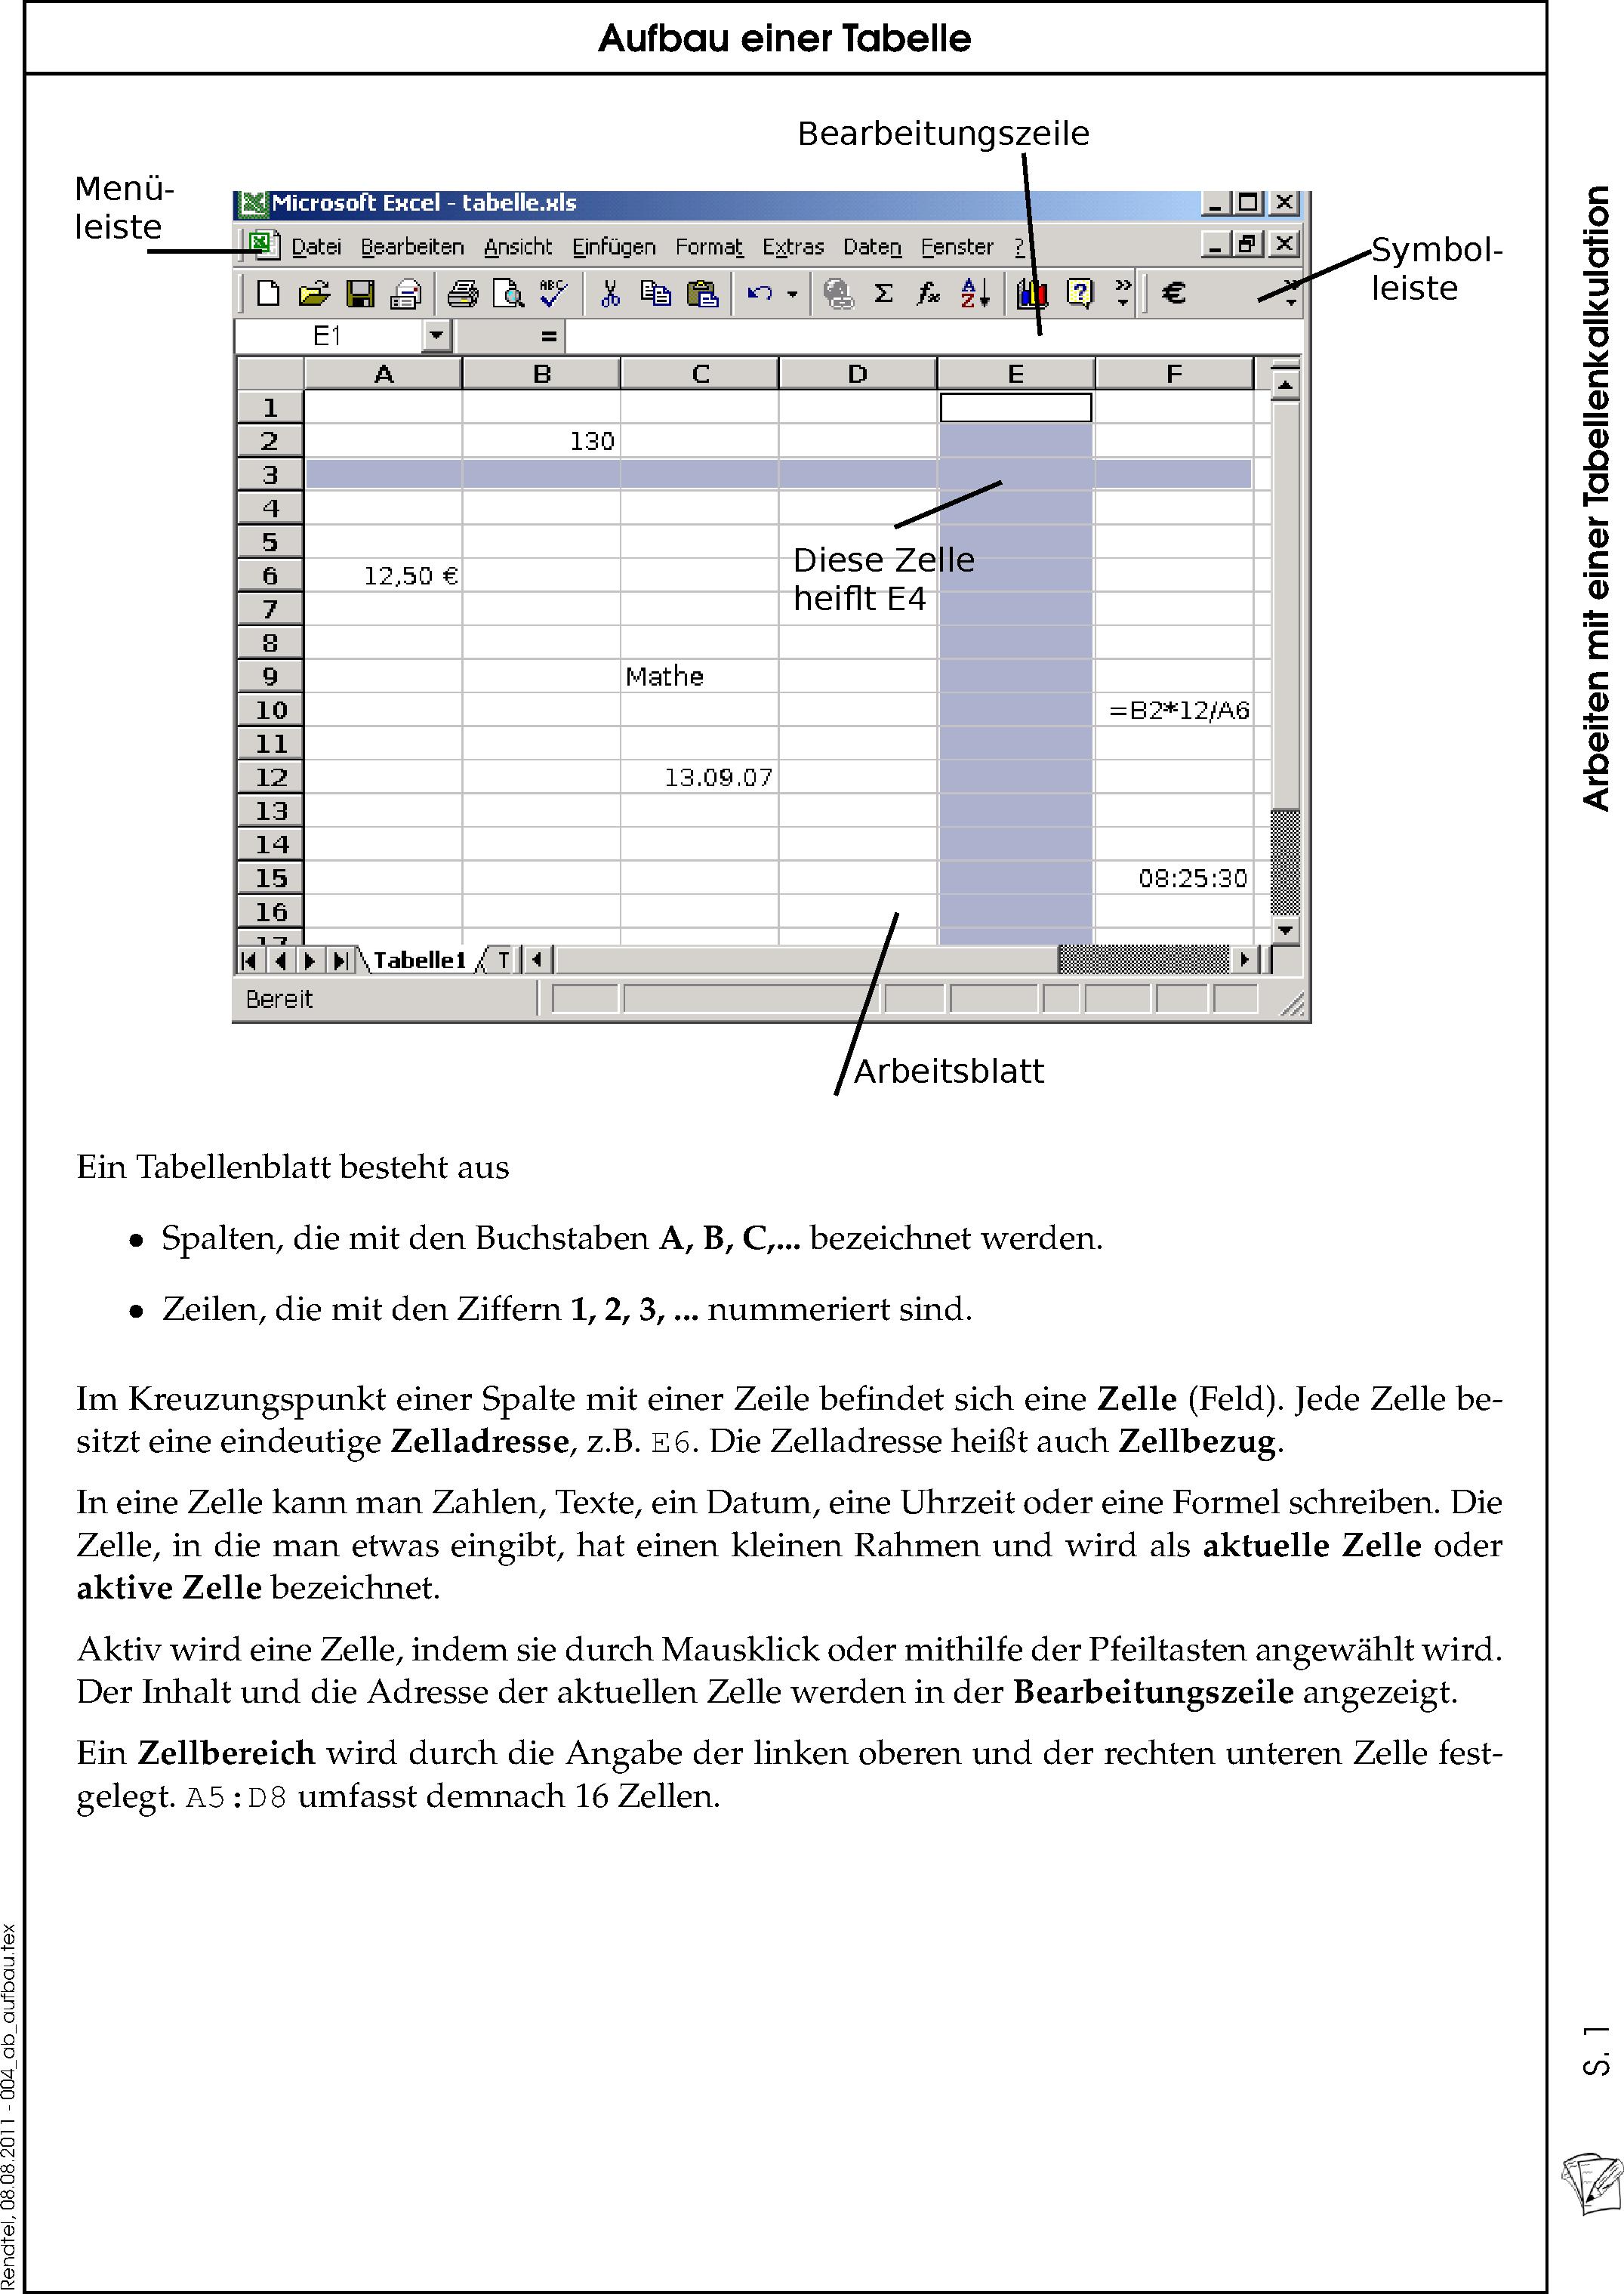 Groß Einfache Ergänzung Mathe Arbeitsblatt Bilder - Gemischte ...